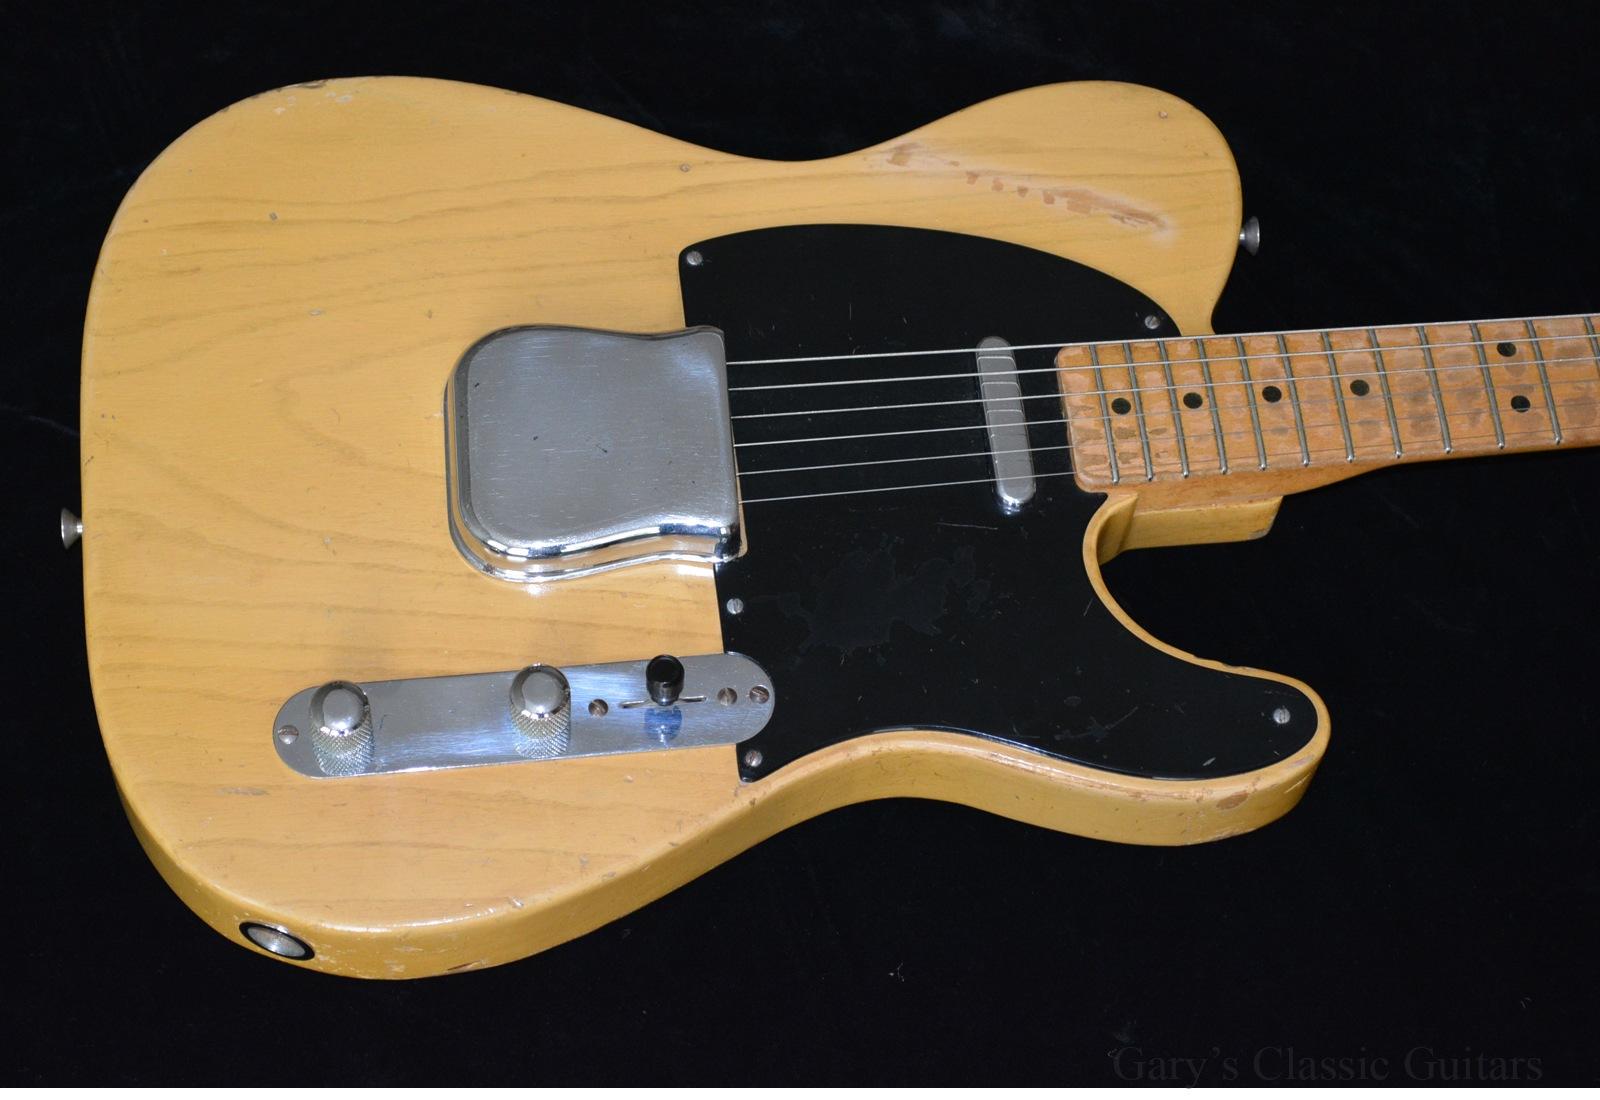 1951 fender nocaster butterscotch blonde garys classic guitars vintage guitars. Black Bedroom Furniture Sets. Home Design Ideas